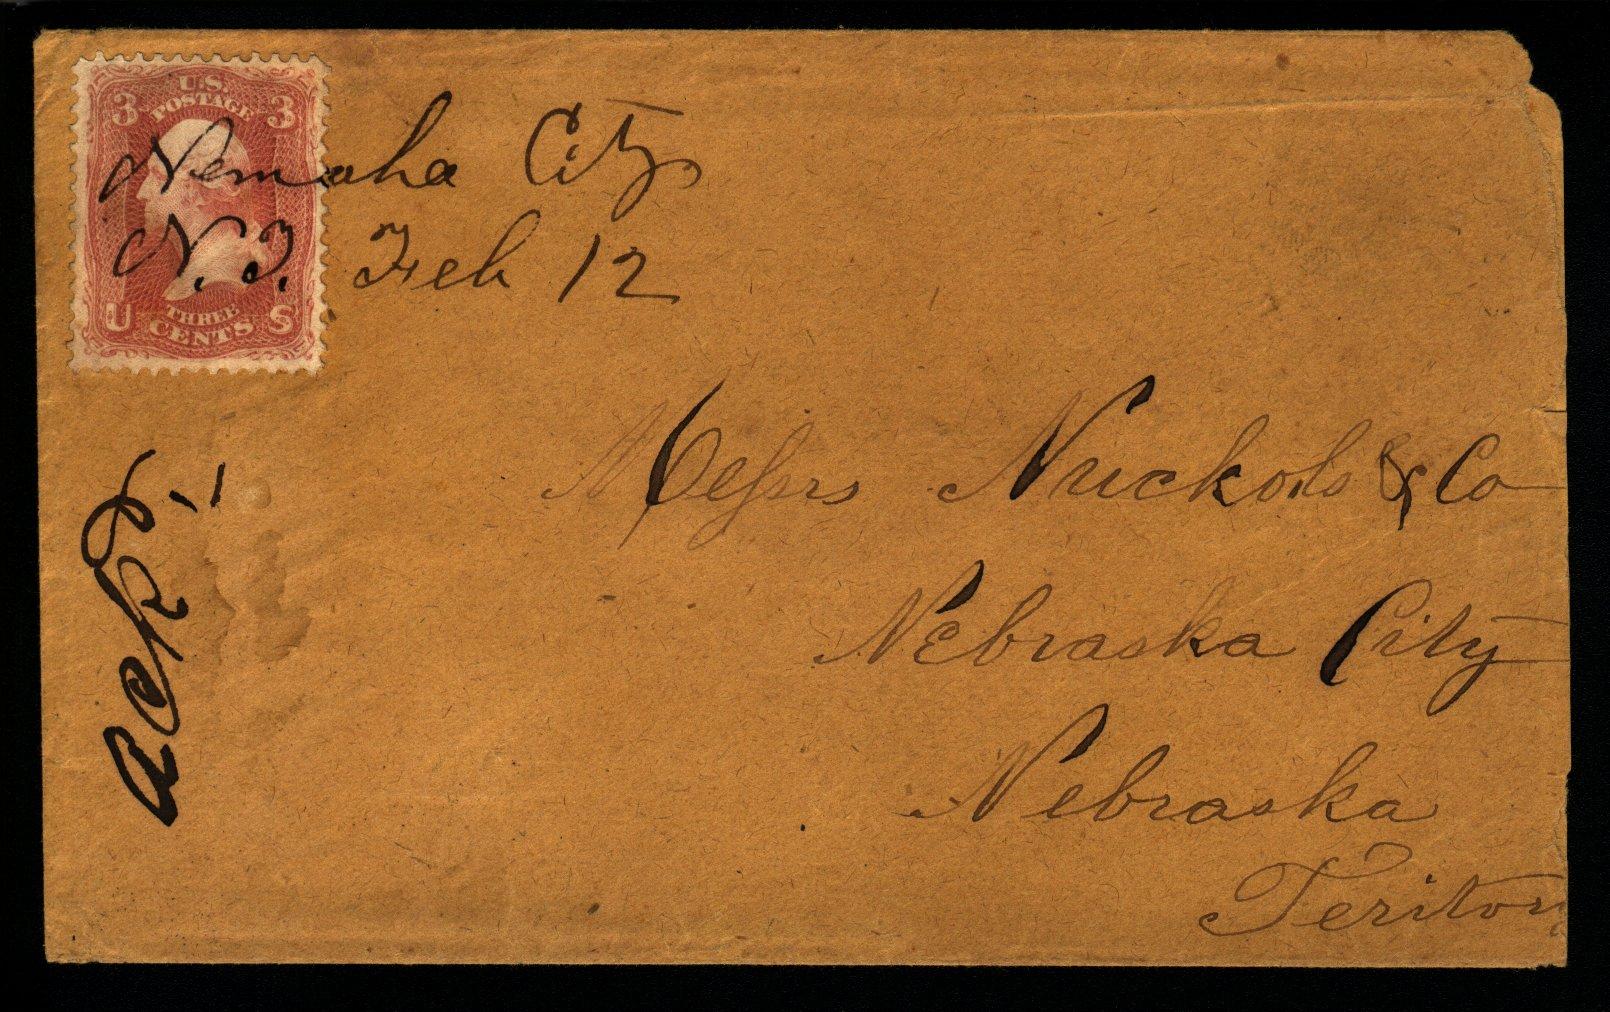 NemahaCity 1863 02 12